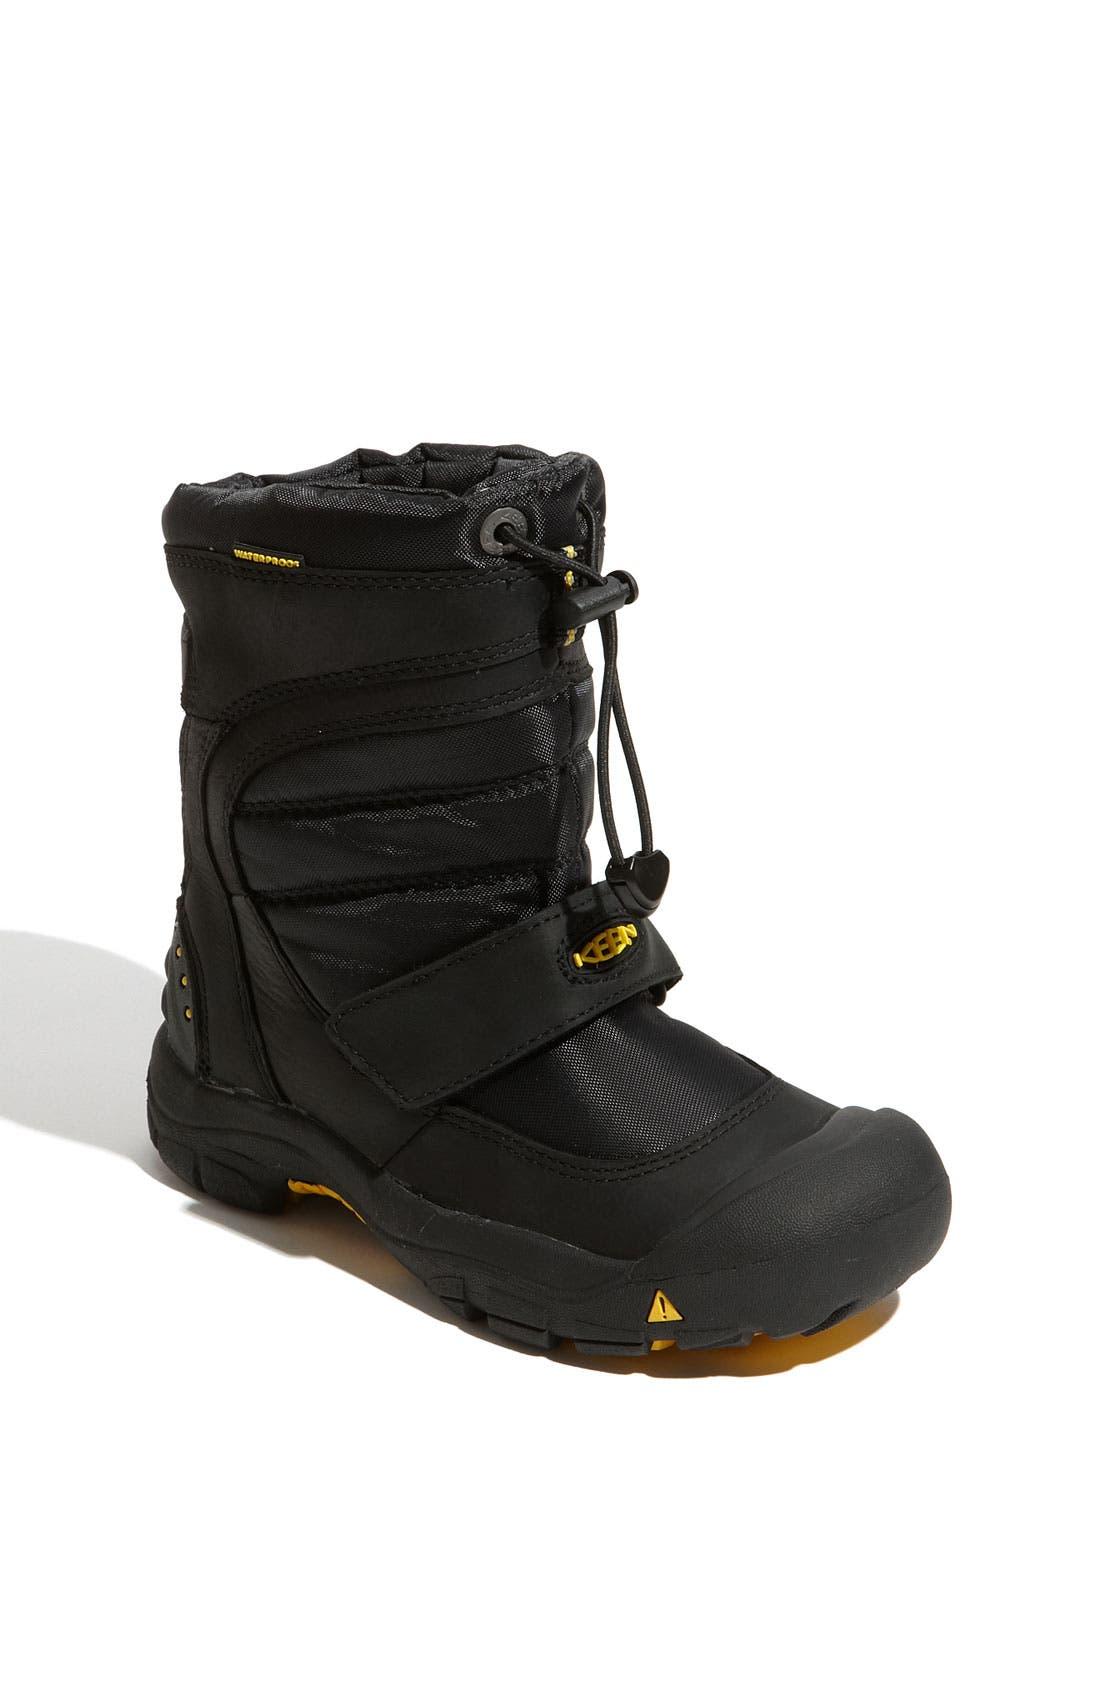 Alternate Image 1 Selected - Keen 'Breckenridge' Waterproof Boot (Toddler, Little Kid & Big Kid)